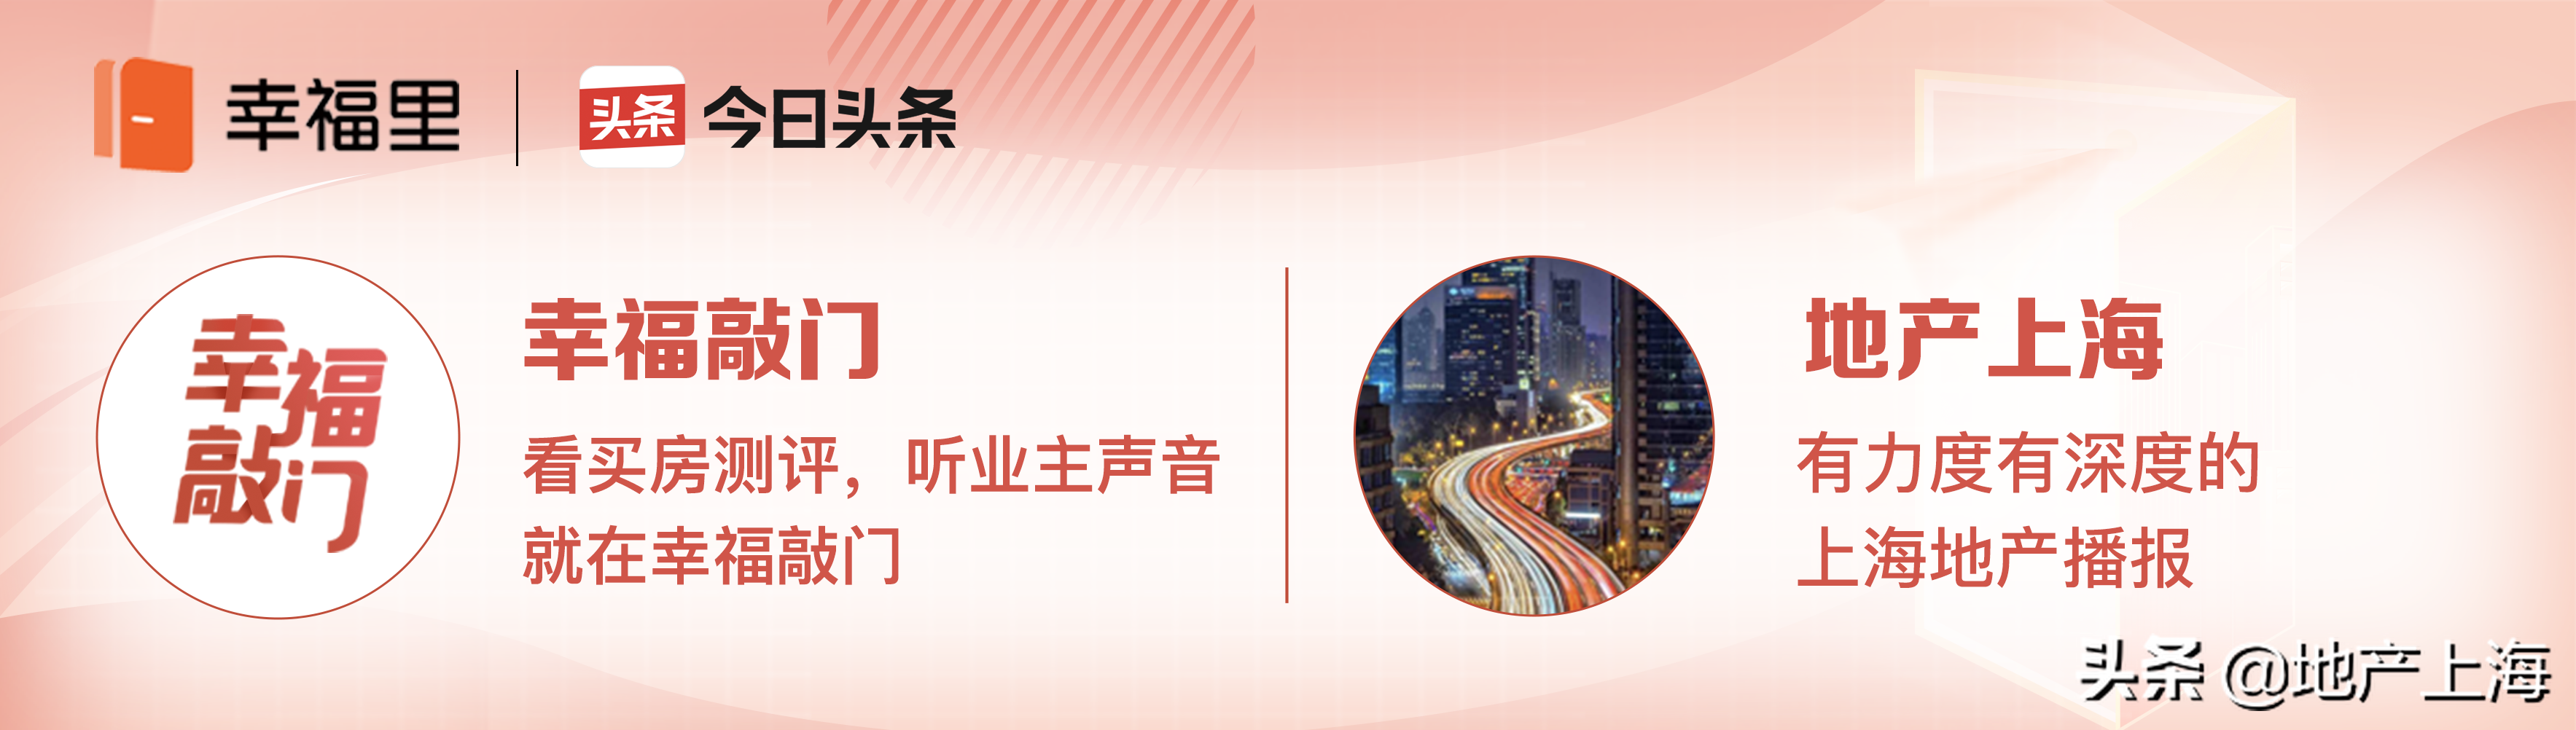 重磅消息!上海地铁要西延连接苏州市区了